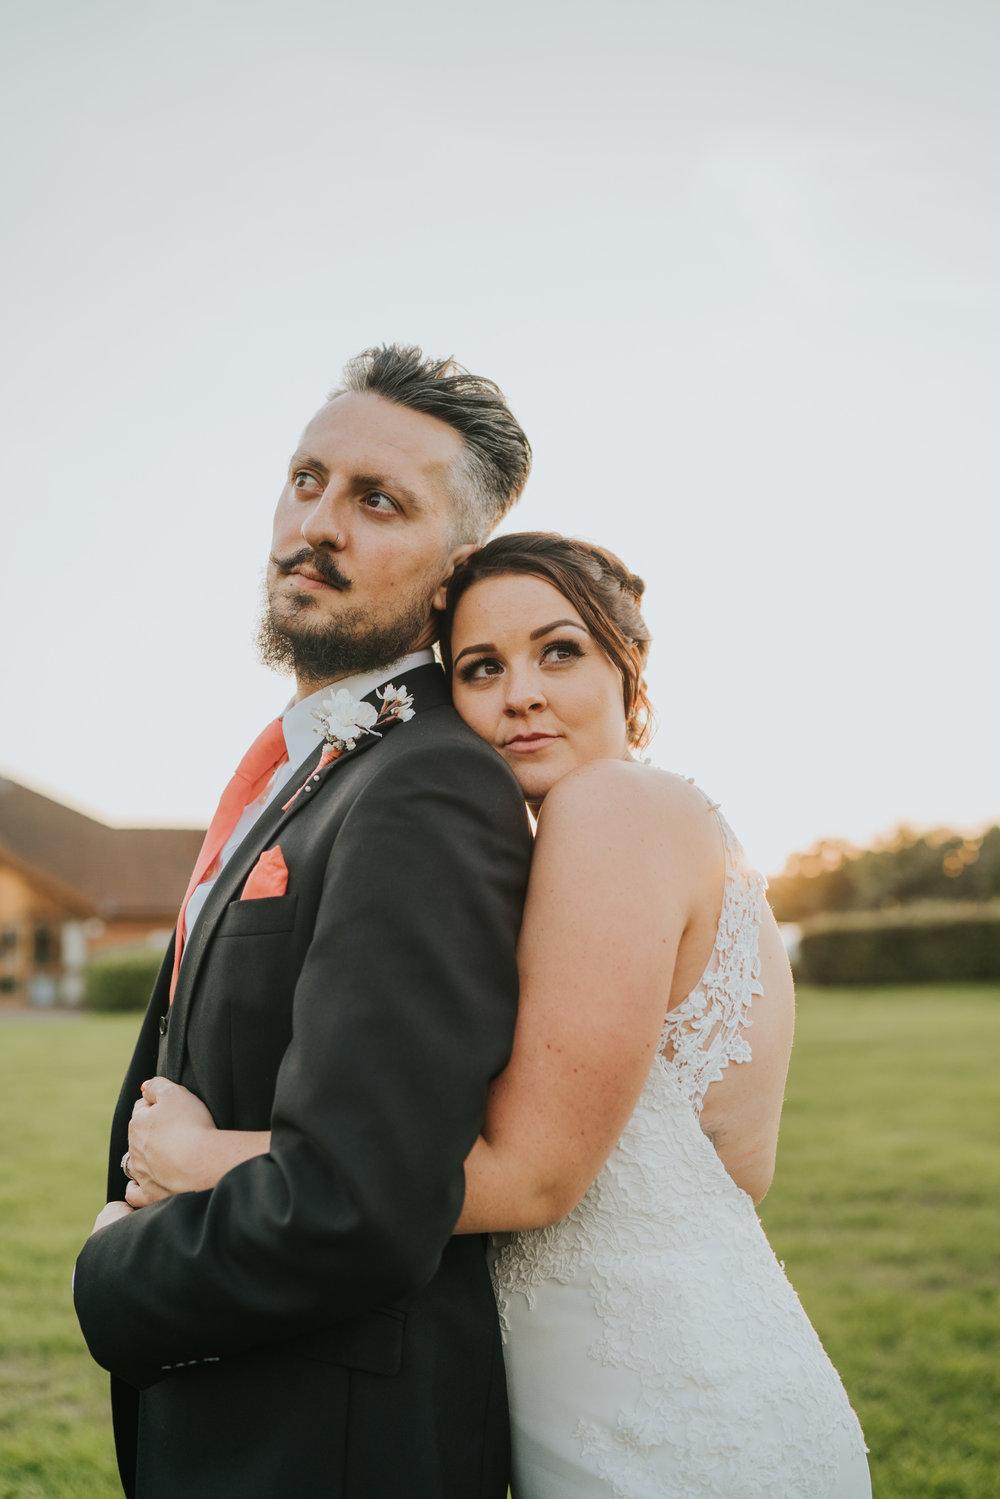 Joe-Tiffany-Colchester-Castle-Wedding-Essex-Grace-Elizabeth-Colchester-Essex-Alternative-Wedding-Photographer-Suffolk-Norfolk-Devon (111 of 122).jpg